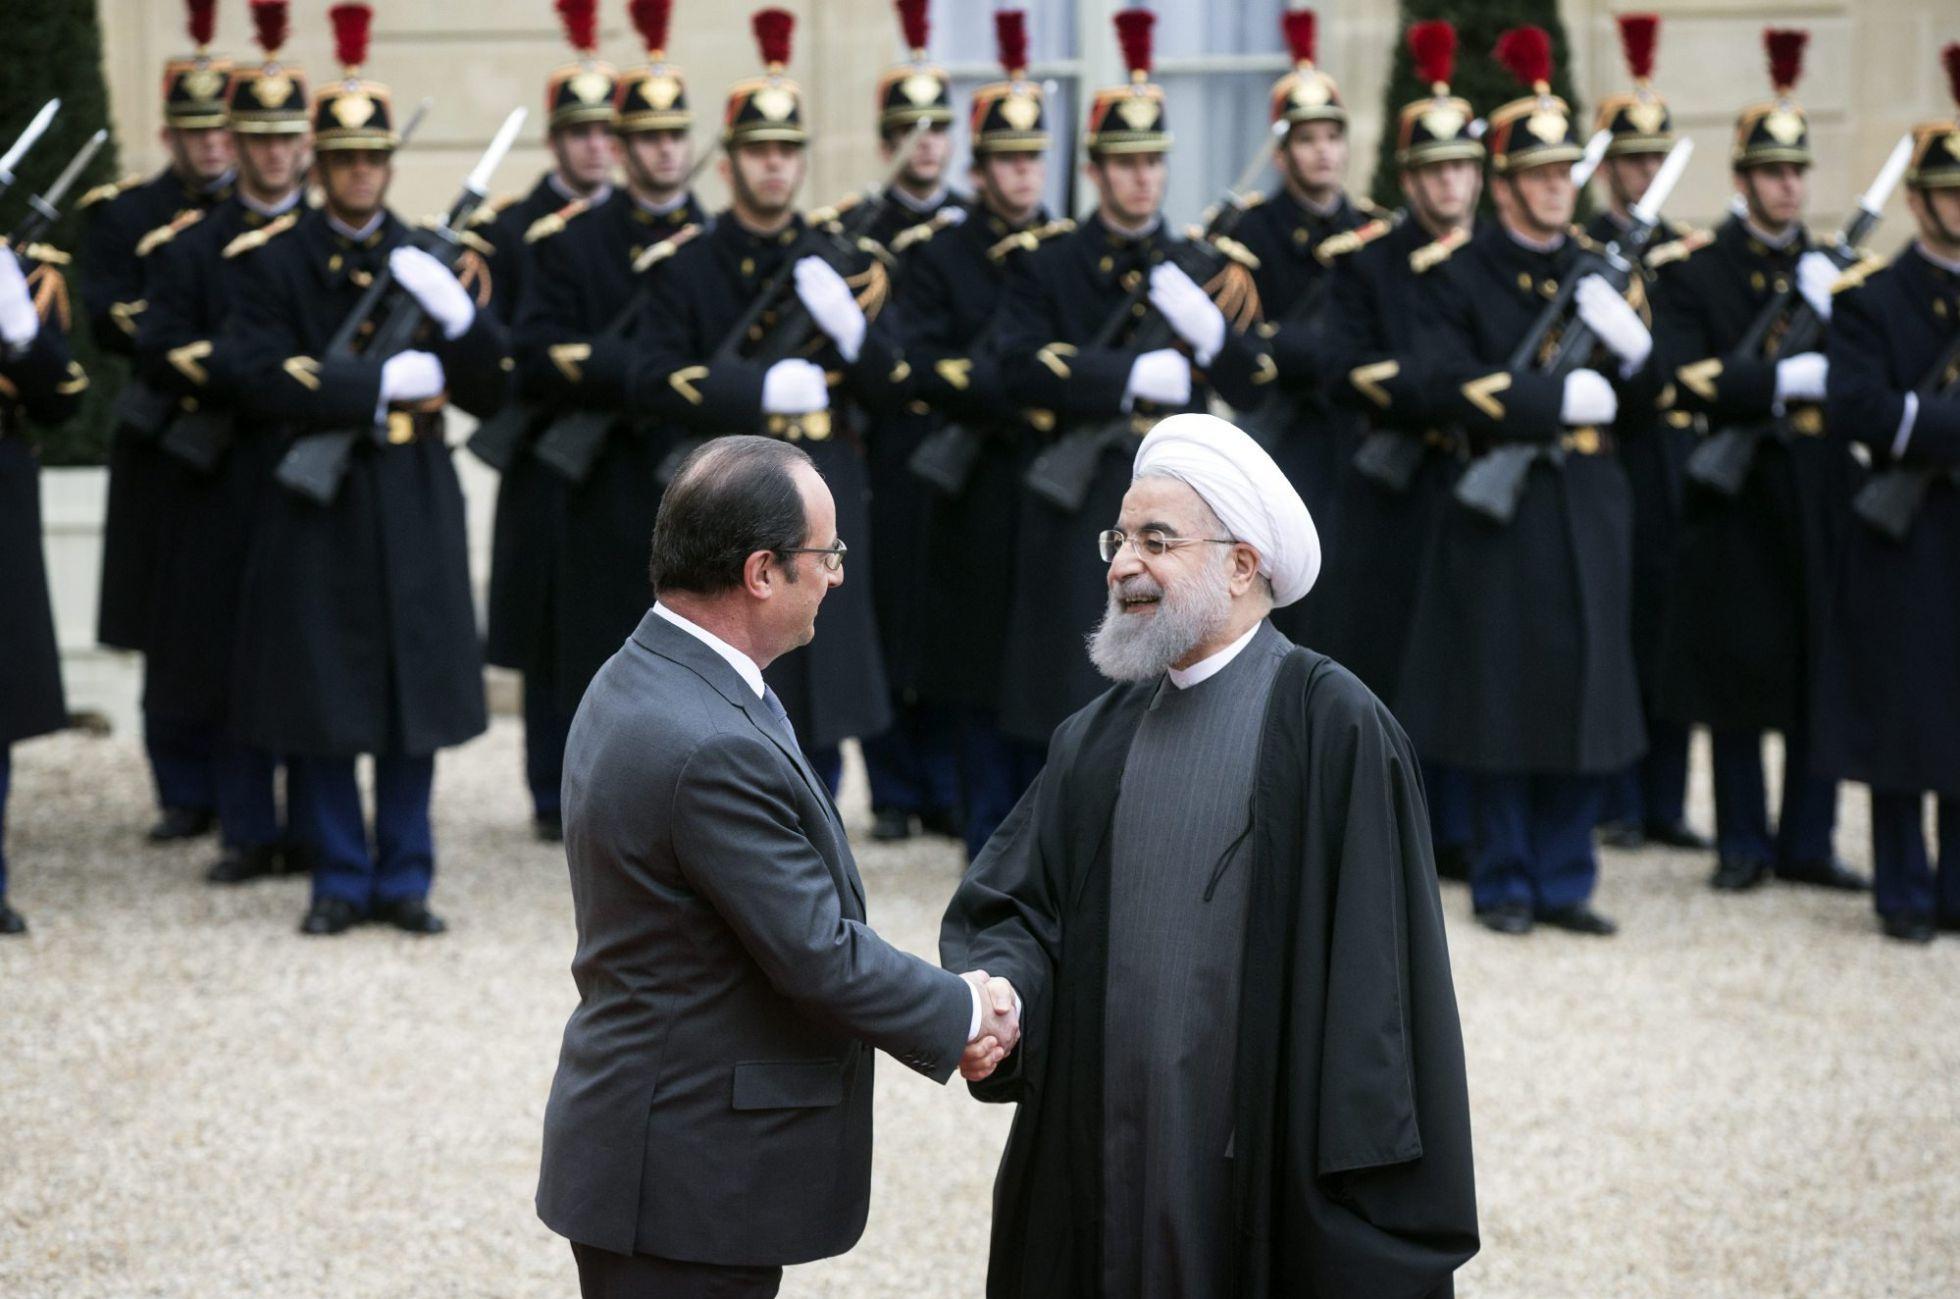 militar - Pacto Nuclear con Irán - Página 30 1454004099_078222_1454005700_noticia_normal_recorte1